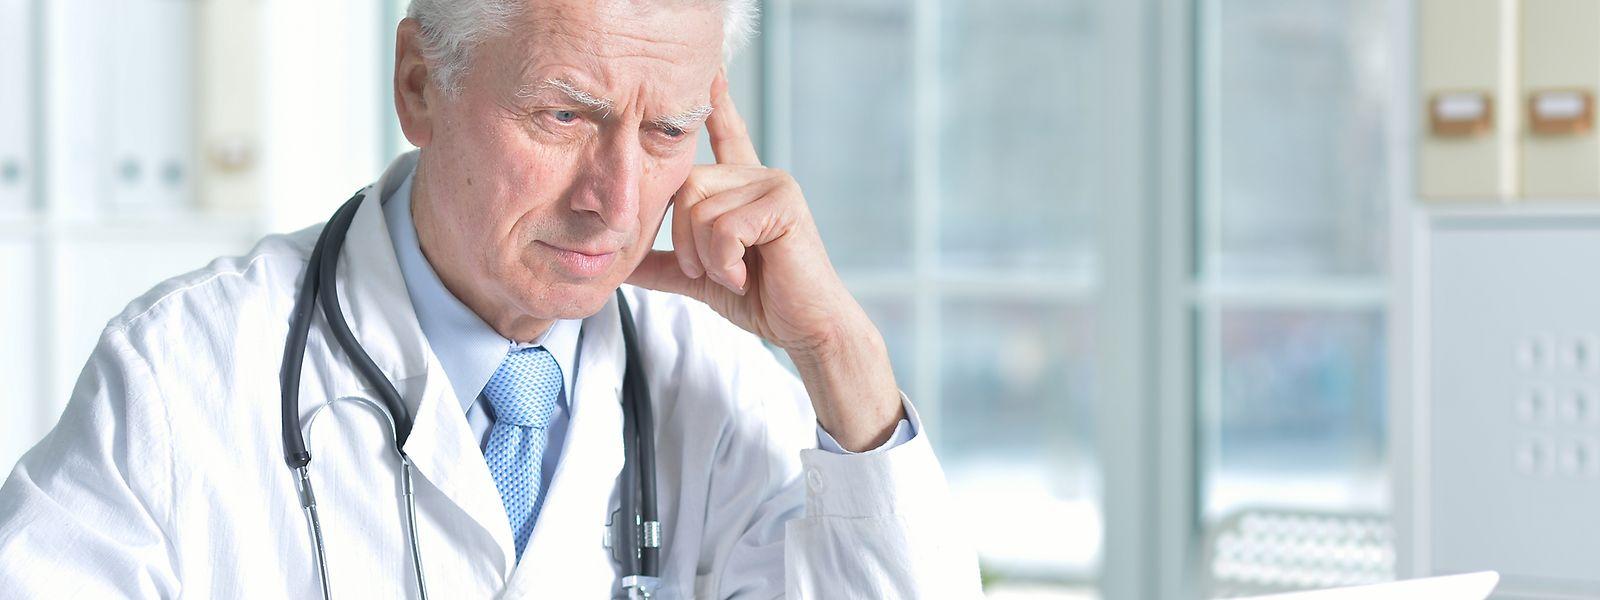 Actuellement, plus de la moitié des médecins du pays sont âgés de 55 ans ou plus